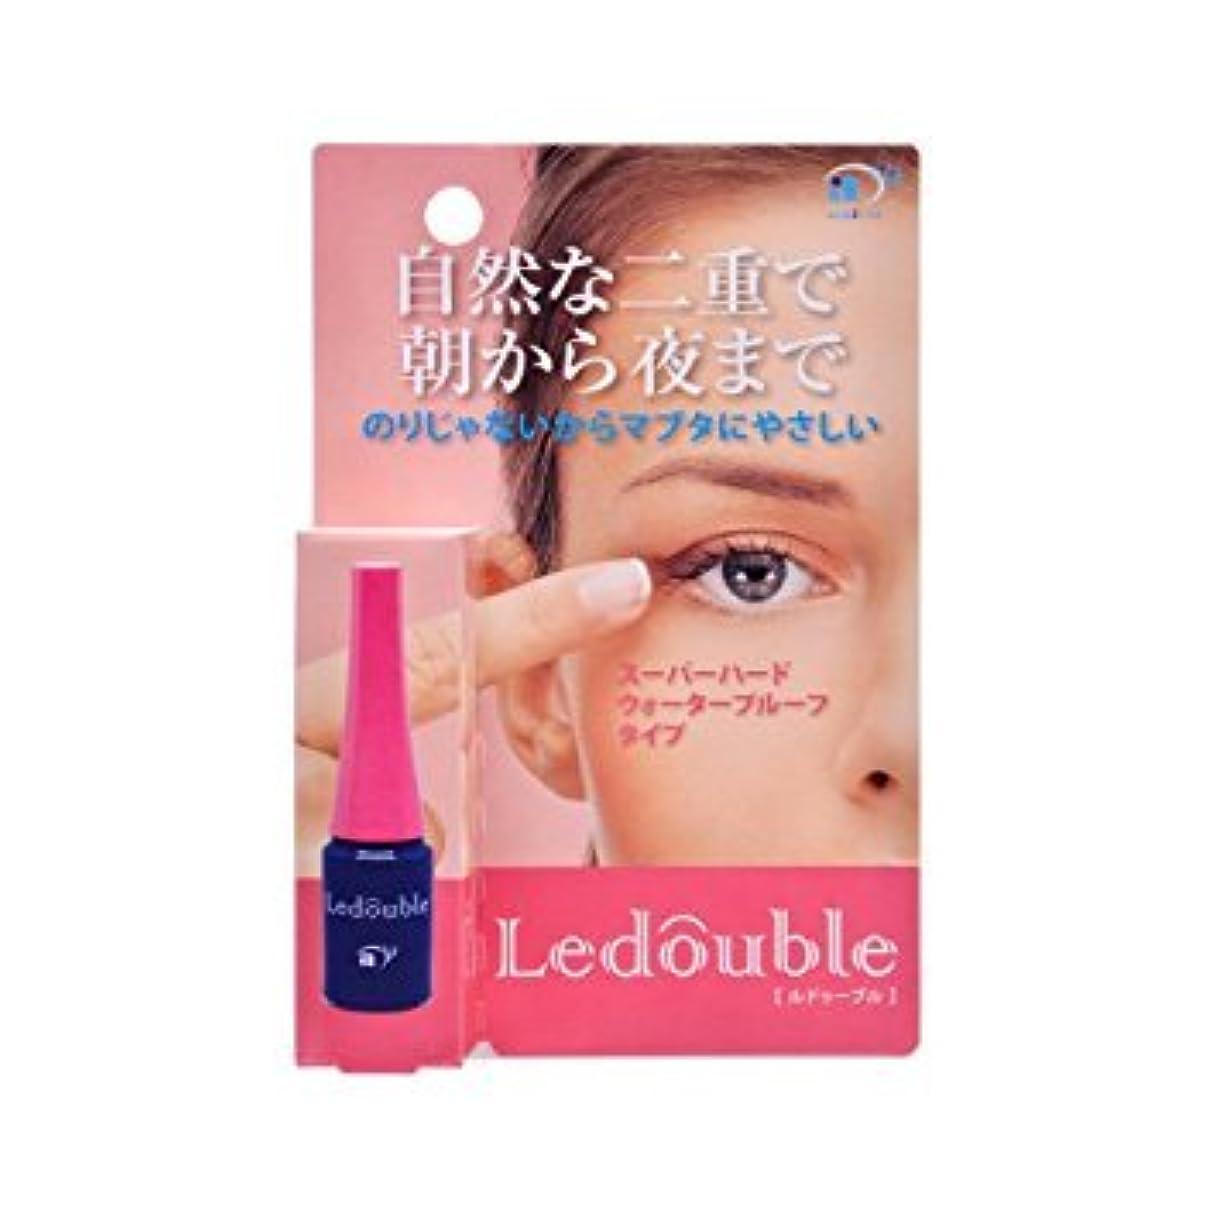 官僚二平方Ledouble [ルドゥーブル] 二重まぶた化粧品 (2mL) 2個セット [並行輸入品]